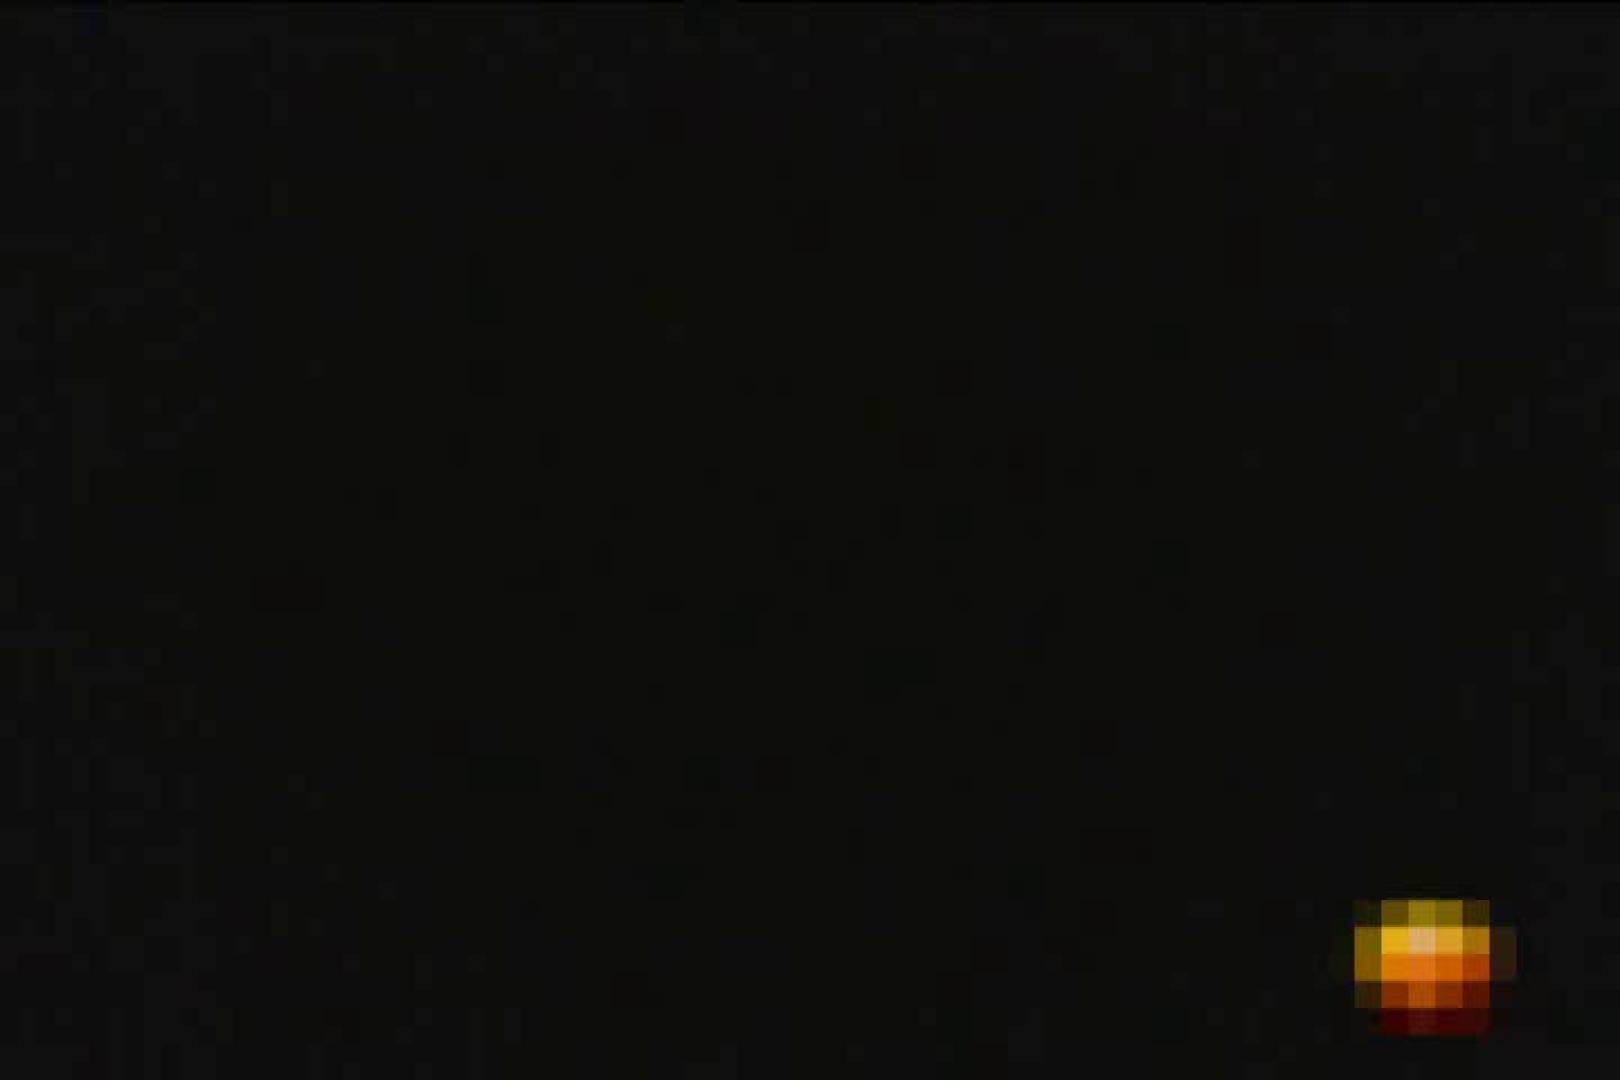 暗躍する夜這い師達Vol.10 OL女体 | 悪戯  50連発 27